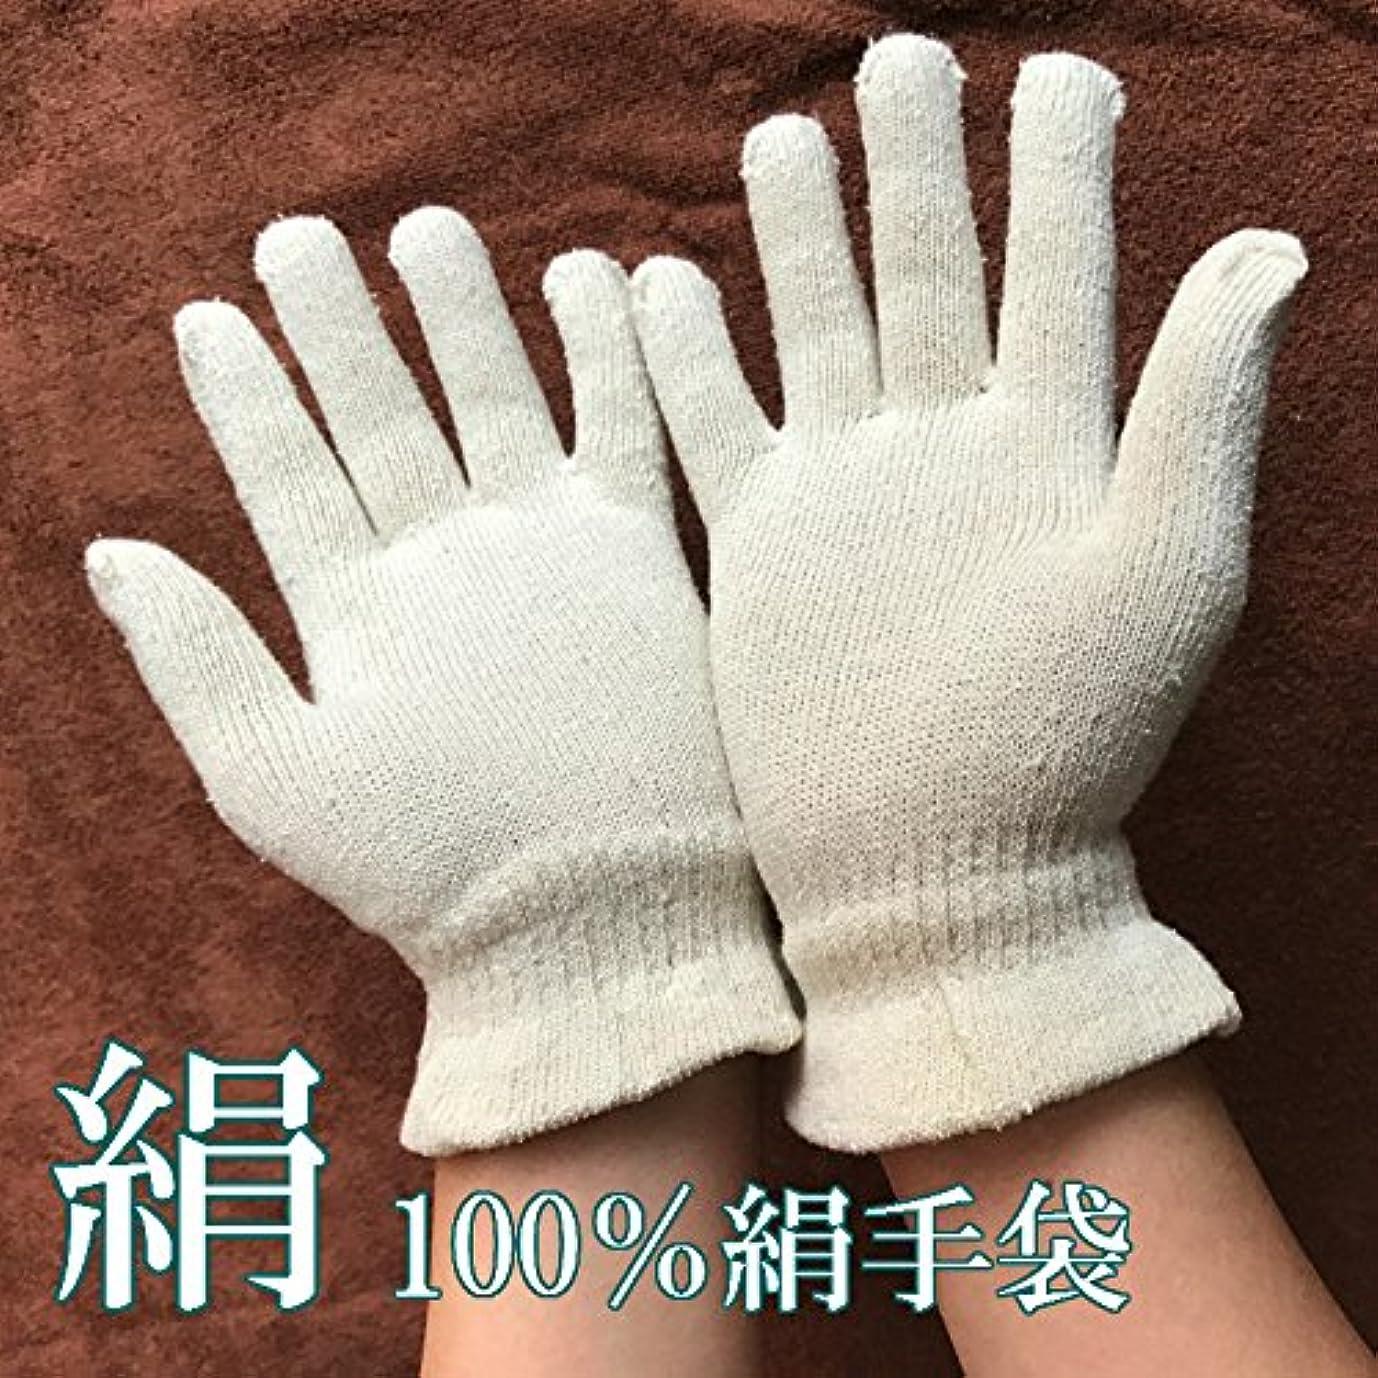 告白盟主発信絹手袋 シルク手袋 ガルシャナ アーユルヴェーダ